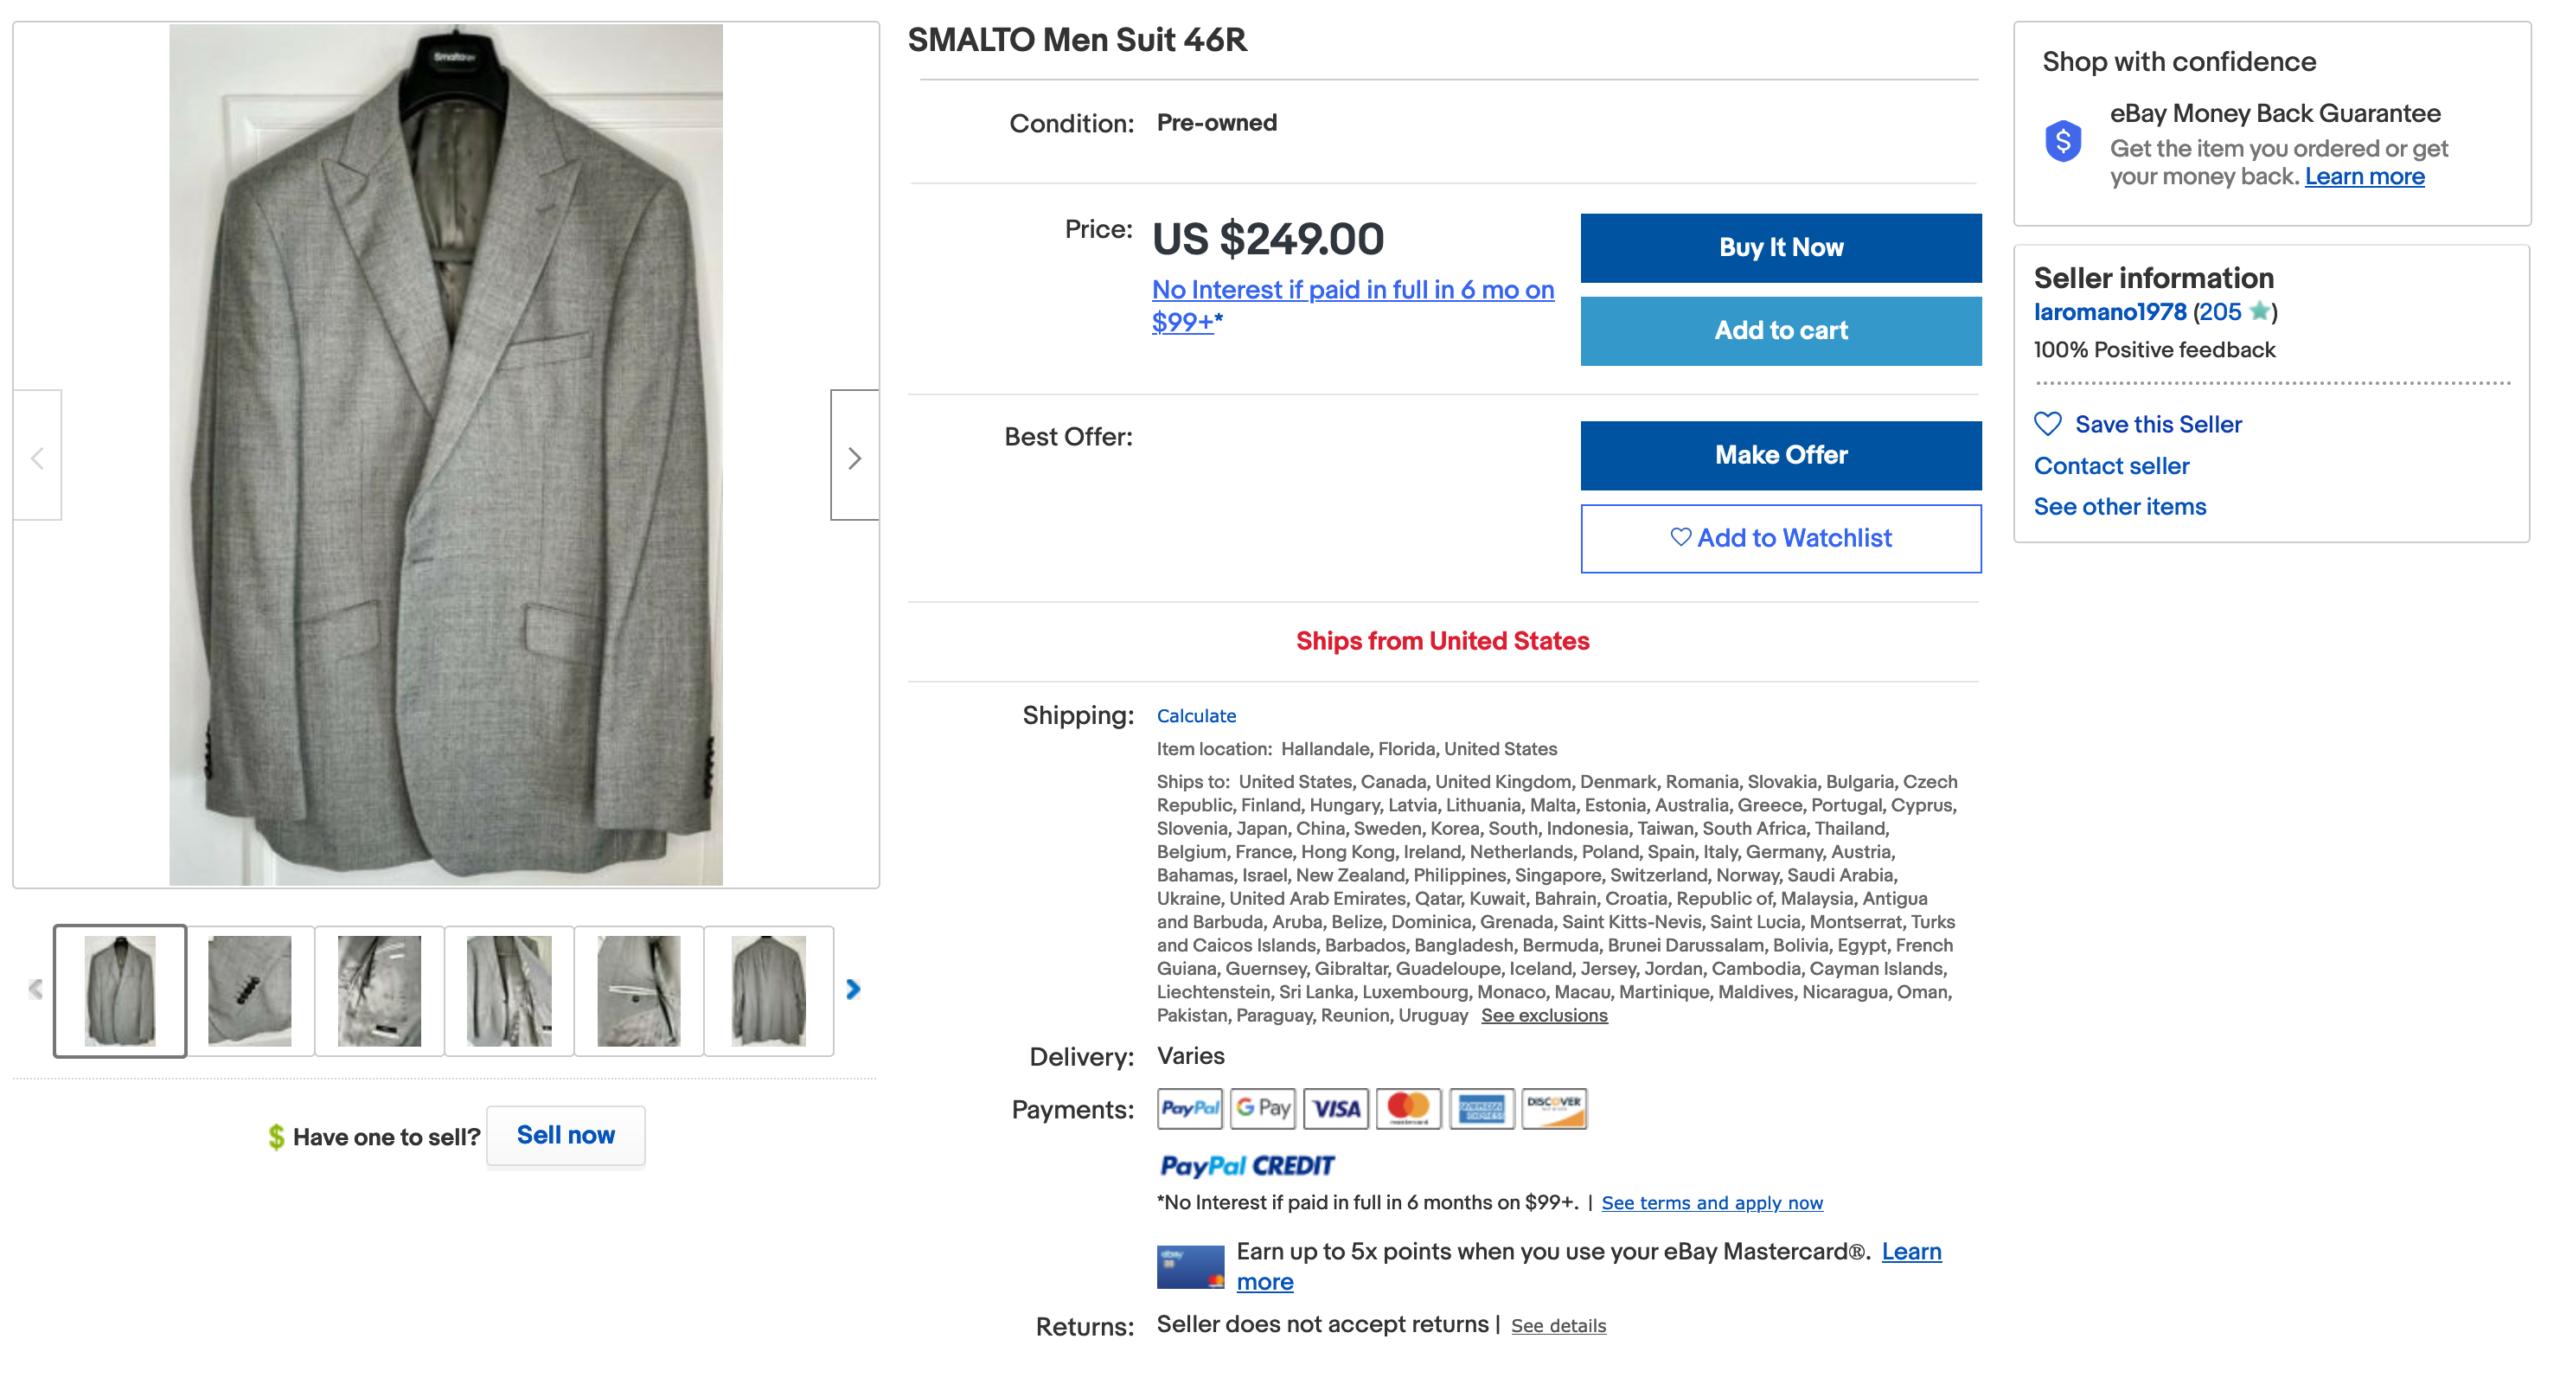 Un costume Smalto pas cher? (Source: Ebay)